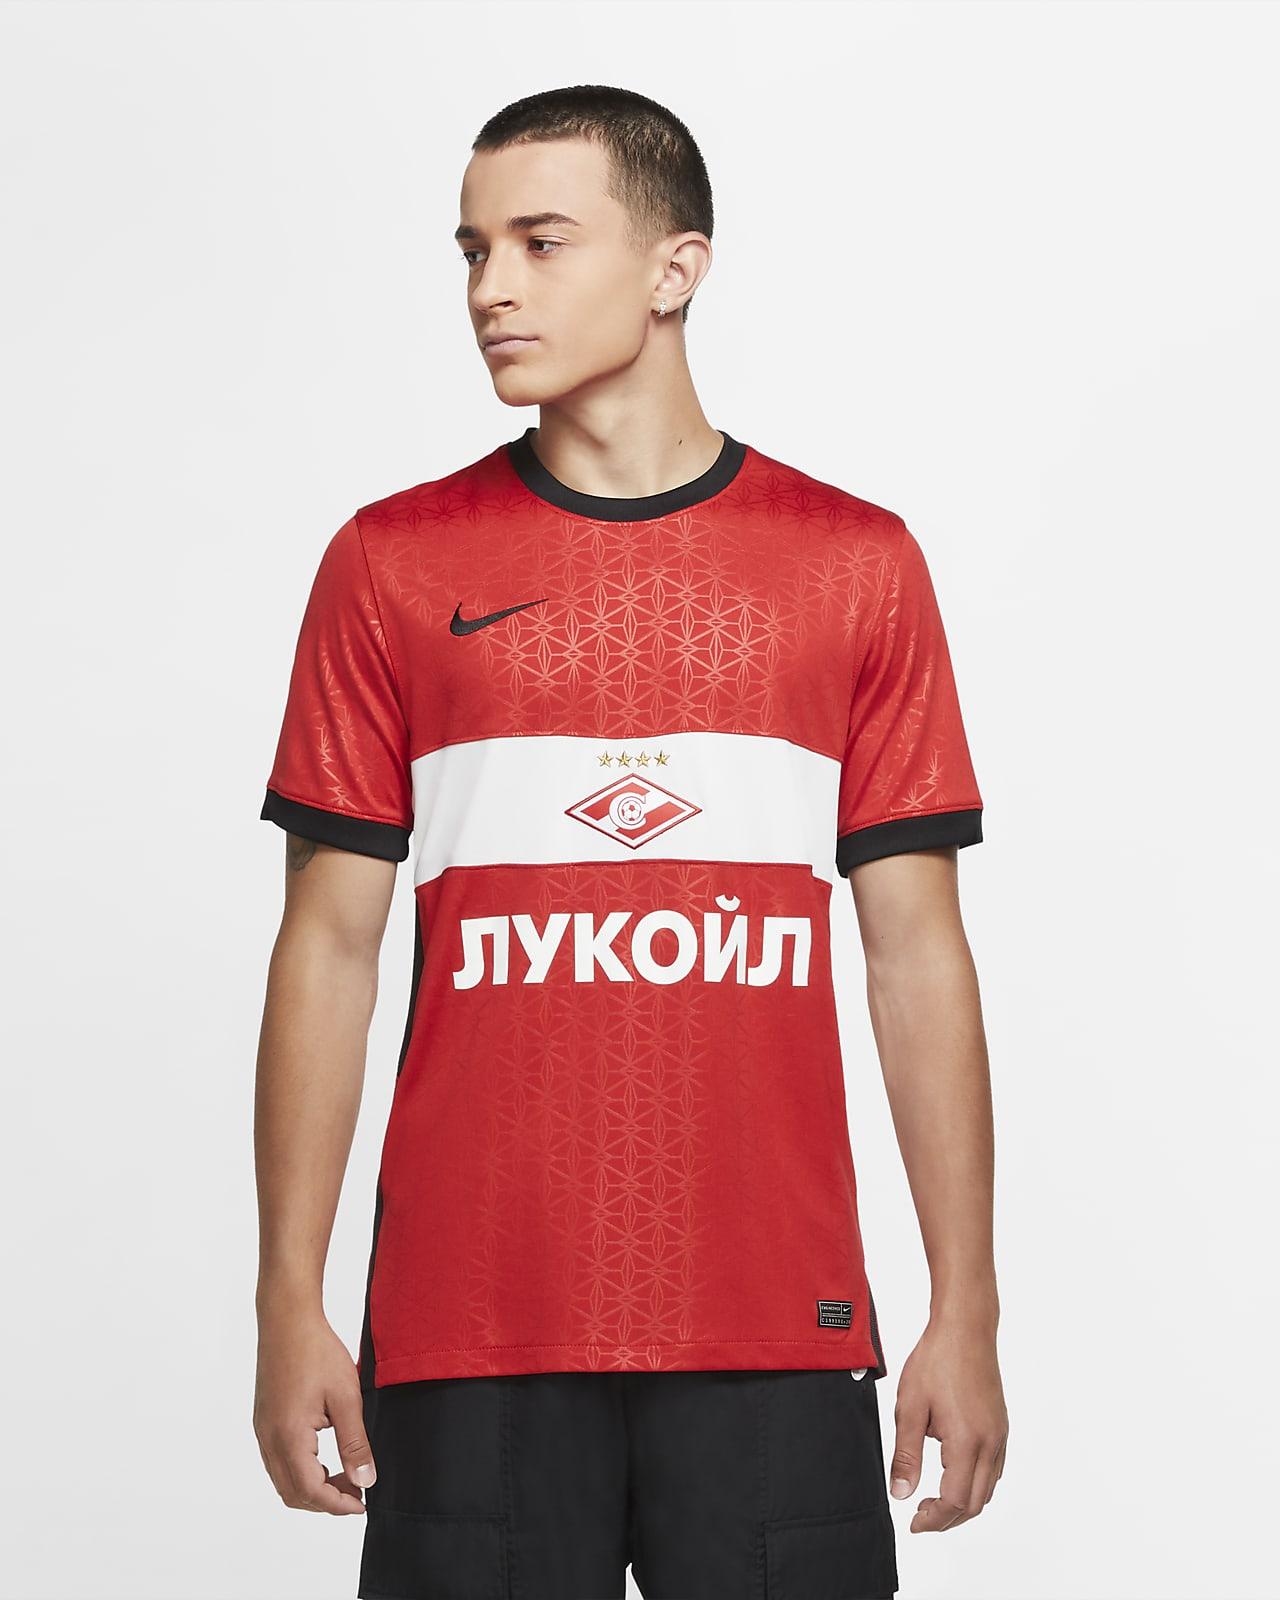 одежда спартак москва футбольный клуб